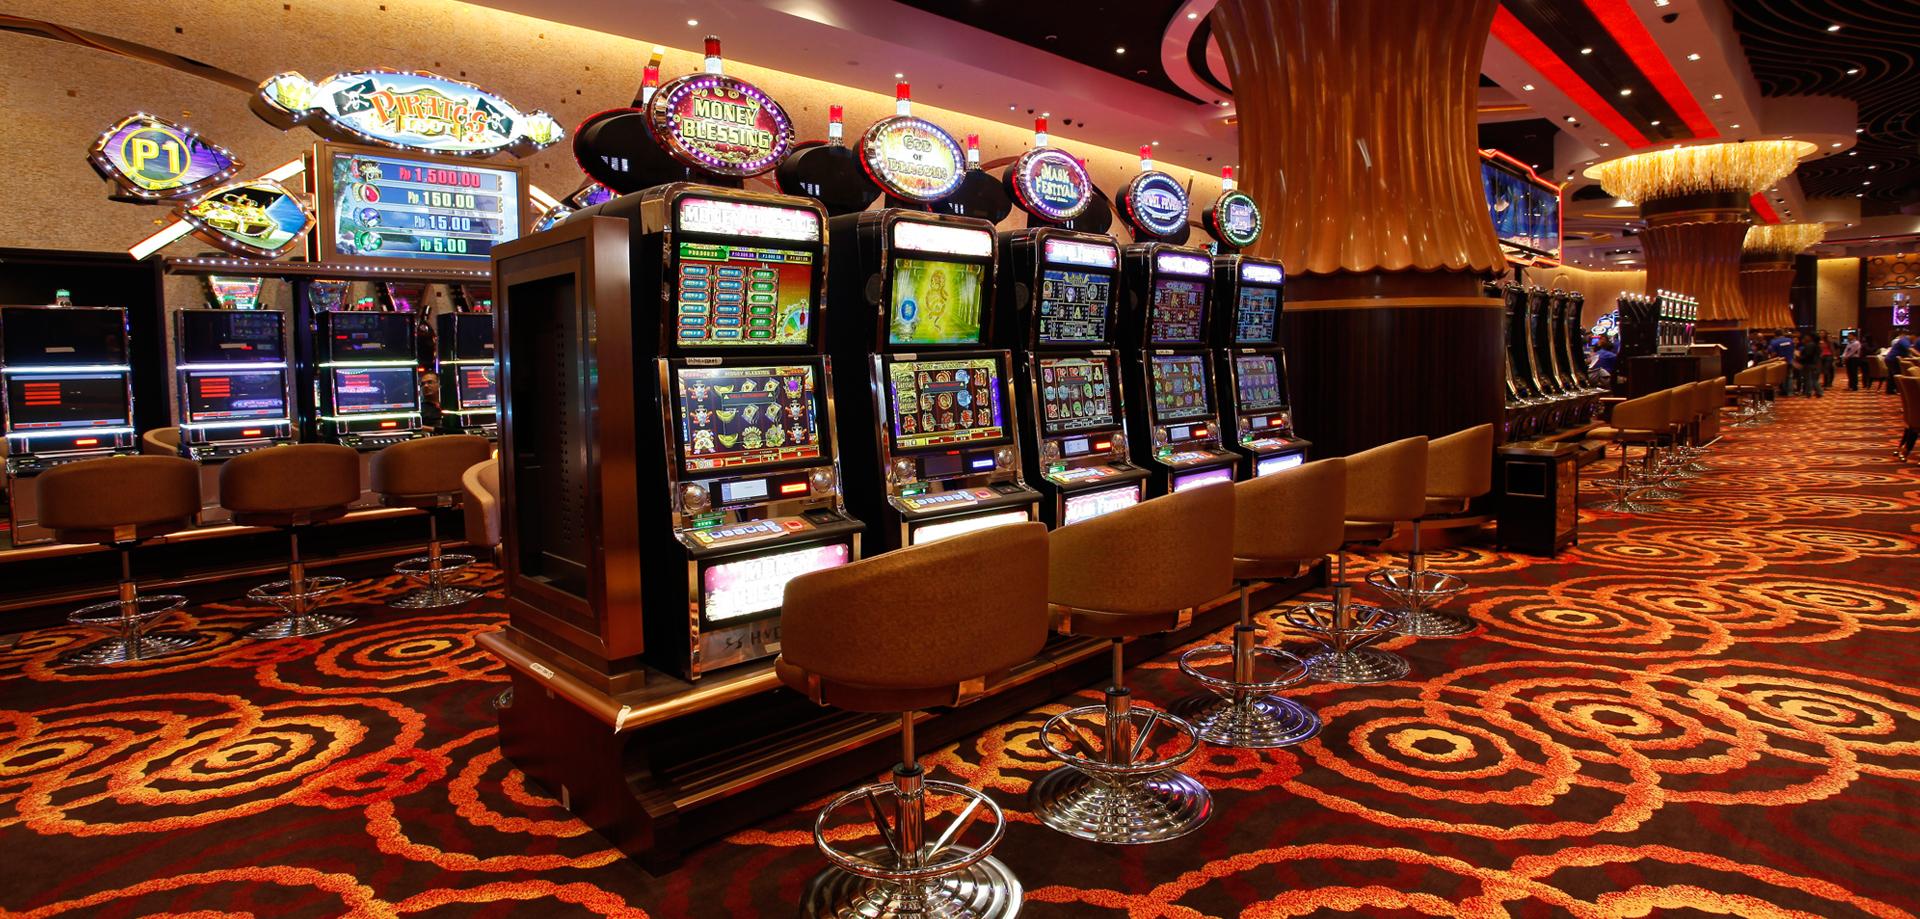 официальный сайт интернет казино казино grand